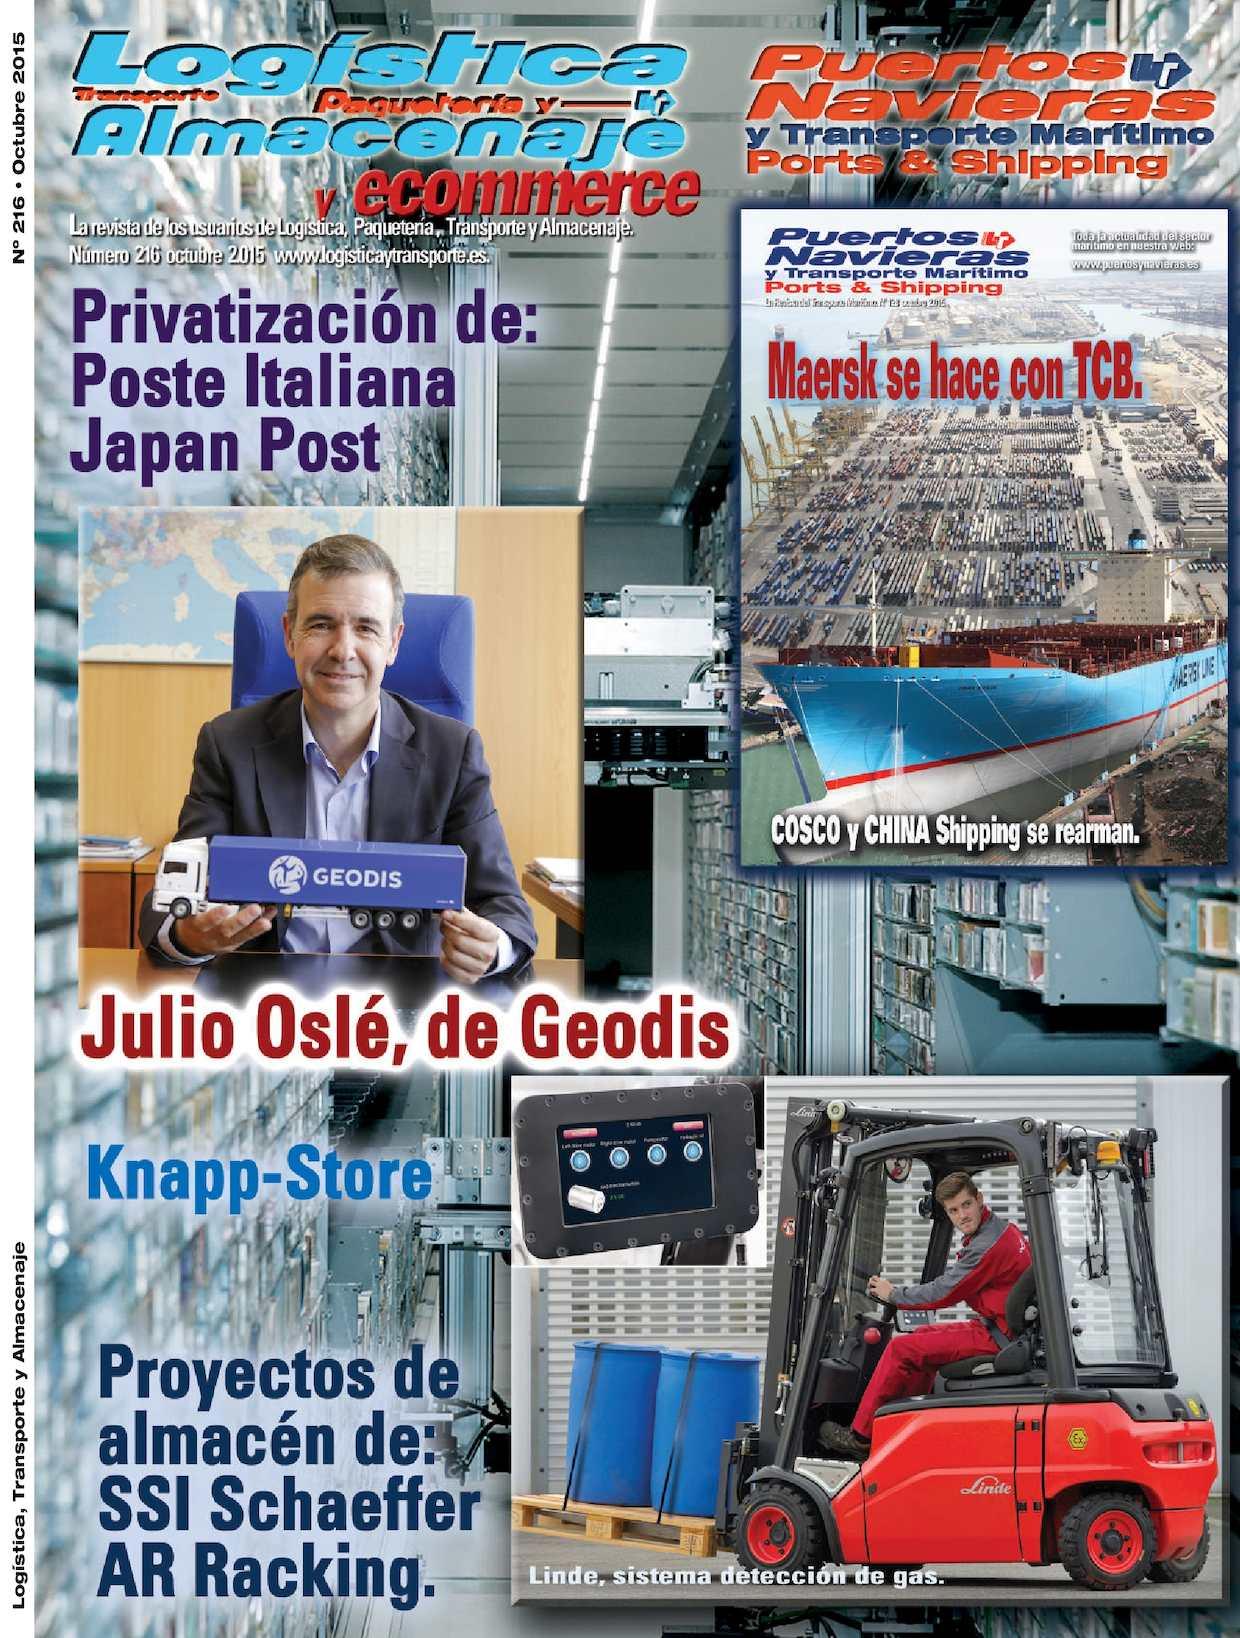 Calaméo - Revista Logistica Transporte y Almacenaje 216 Octubre 2015 Web 9a2fb0e1b46